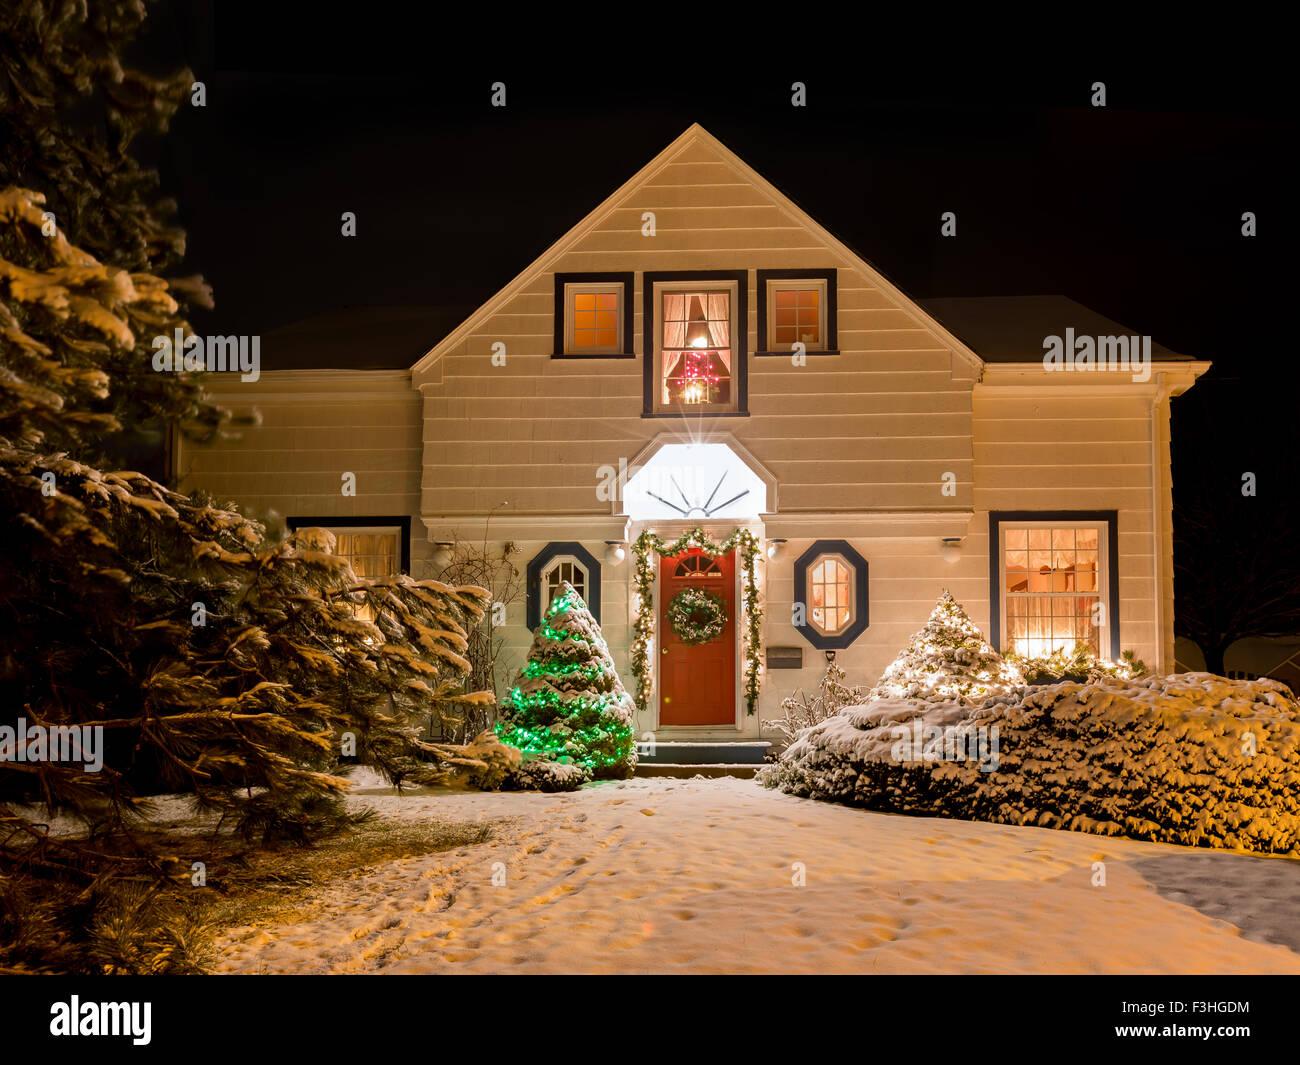 Una casa decorata con una ghirlanda, garland e le luci di Natale un una chiara notte d'inverno. Immagini Stock